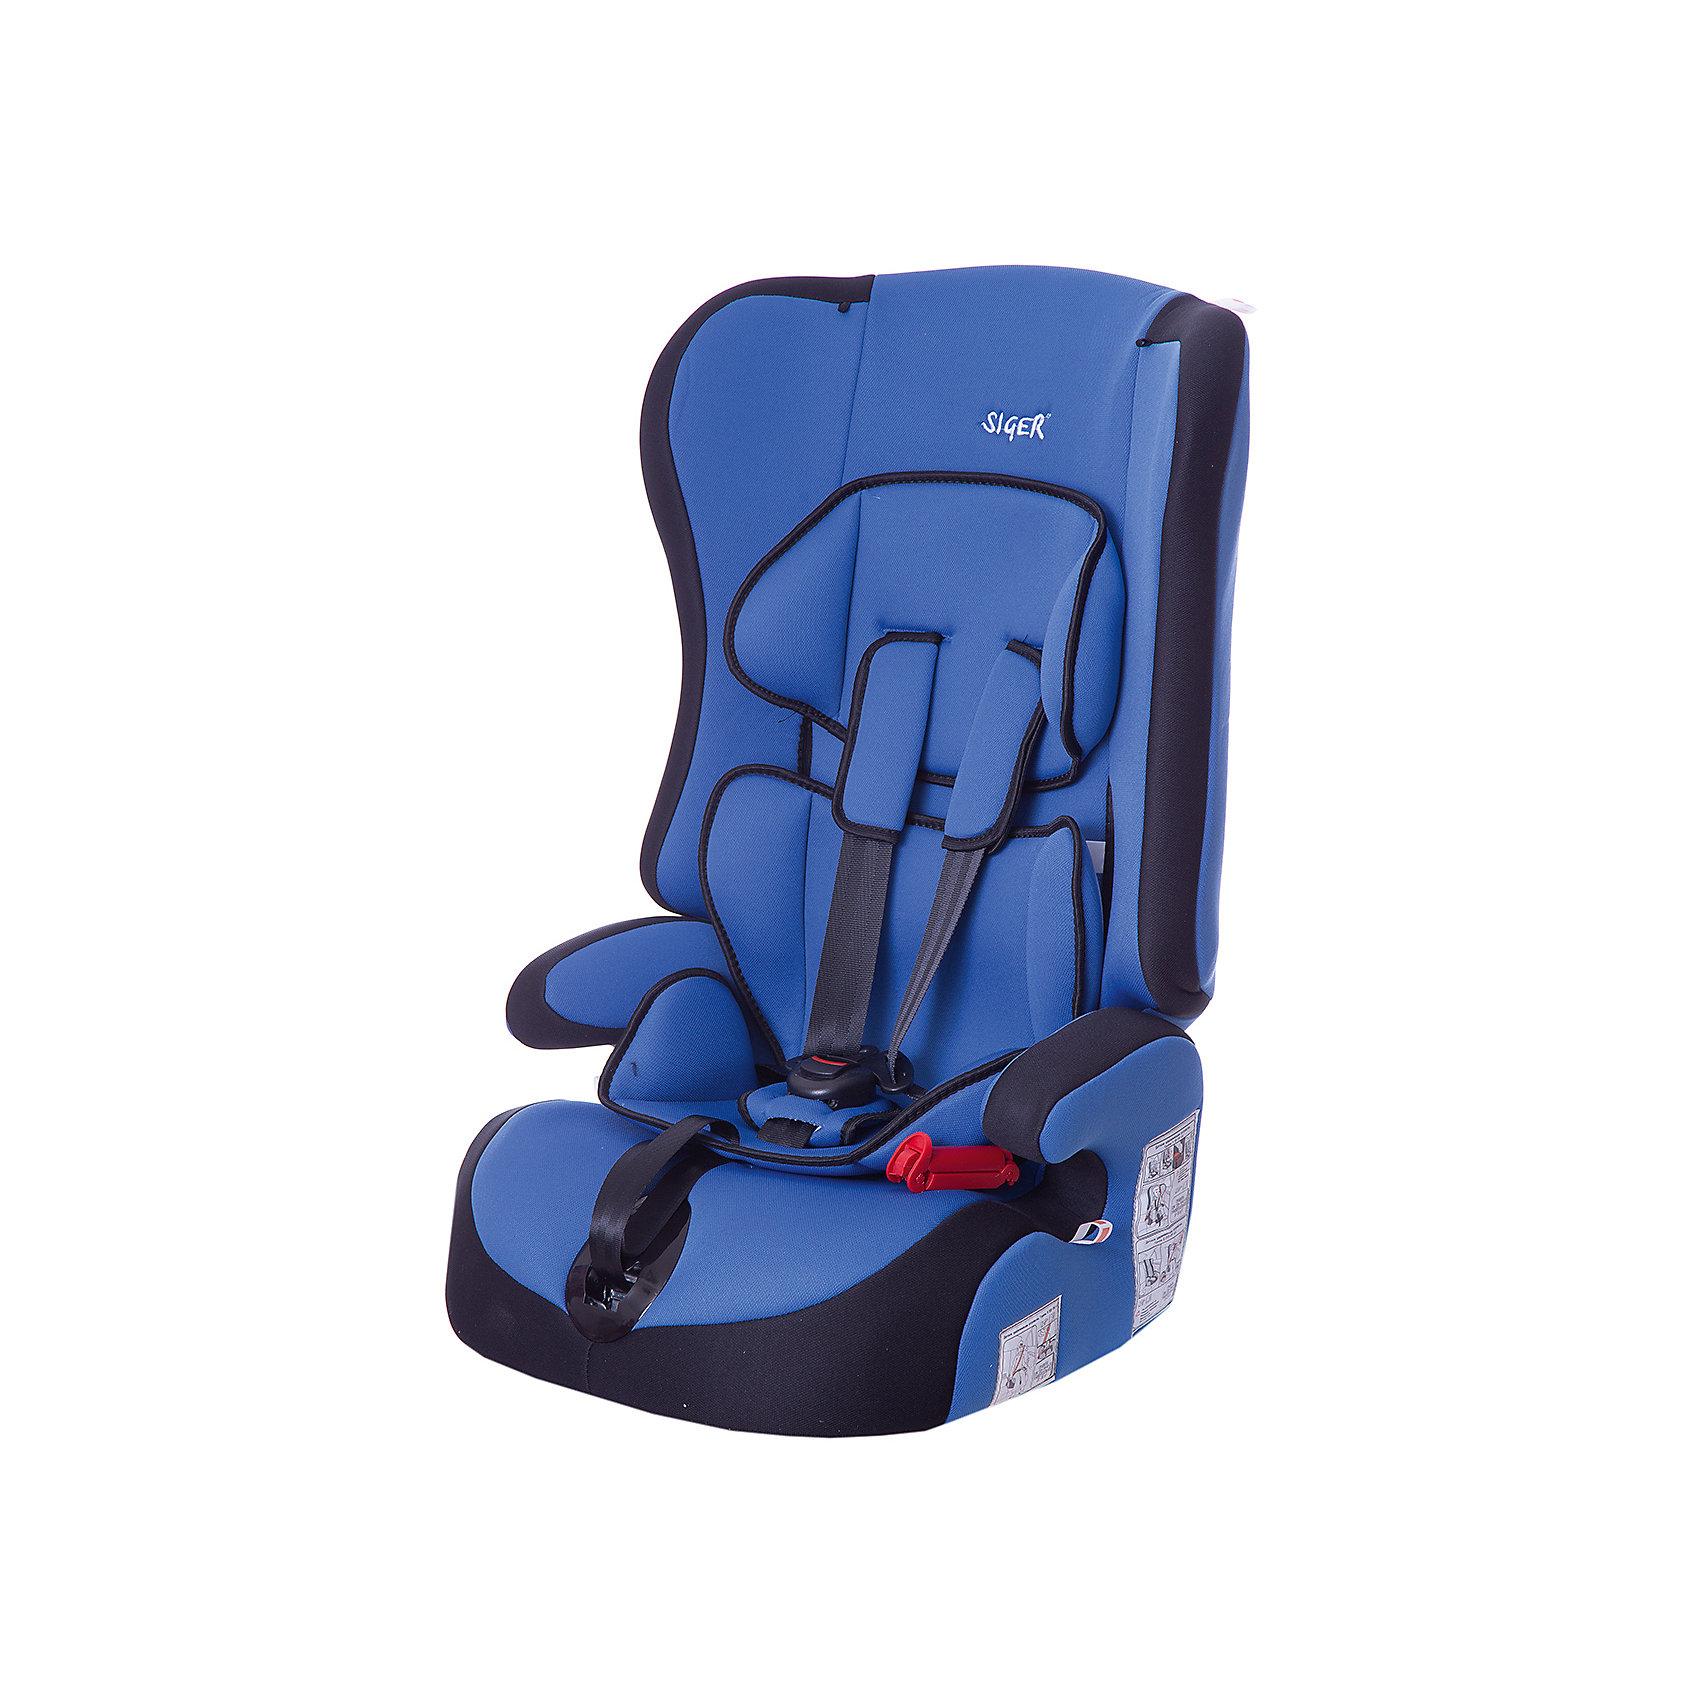 Автокресло Прайм, 9-36 кг., SIGER, синийДетское автомобильное кресло SIGER  Прайм.  <br>Подходит для детей весом от 9 до 36 килограмм. Возрастная категория от 1 года до 12 лет. <br>Описание:<br>- трансформируется в модели «-Спорт» и «-Бустер»;<br>- чехол – трикотажное полотно, плотность 250 г/м2;<br>- специальная G-скоба, облегчающая установку кресла;<br>- ортопедическая спинка и особая форма подголовника защищает голову и плечи малыша от боковых ударов;<br>- двухпозиционная регулировка внутреннего ремня (лето-зима);<br>- износостойкий чехол, легко стирается, не вызывает аллергических реакций, не  выгорает;<br>- ортопедическая округлая форма сиденья предохраняет ножки малыша от затекания.<br>Дополнительная информация:<br> - ширина посадочного места – 27-34 см;<br>- глубина посадочного места – 30 см;                                                                                                                    <br>- высота посадочного места – 12 см.<br>- высота спинки – 58 см;<br>- нижнее положение ремней безопасности – 30см;<br>- среднее положение ремней безопасности – 35см;<br>- верхнее положение ремней безопасности – 40см;<br>- вес – 4,8 кг.<br>- корпус – ПНД-пластмасса ПЭ2МТ76-17.<br>- цвет - синий.<br>Детское автомобильное кресло SIGER Прайм  можно купить в нашем интернет-магазине.<br><br>Ширина мм: 420<br>Глубина мм: 420<br>Высота мм: 870<br>Вес г: 4800<br>Возраст от месяцев: 12<br>Возраст до месяцев: 144<br>Пол: Унисекс<br>Возраст: Детский<br>SKU: 3340352